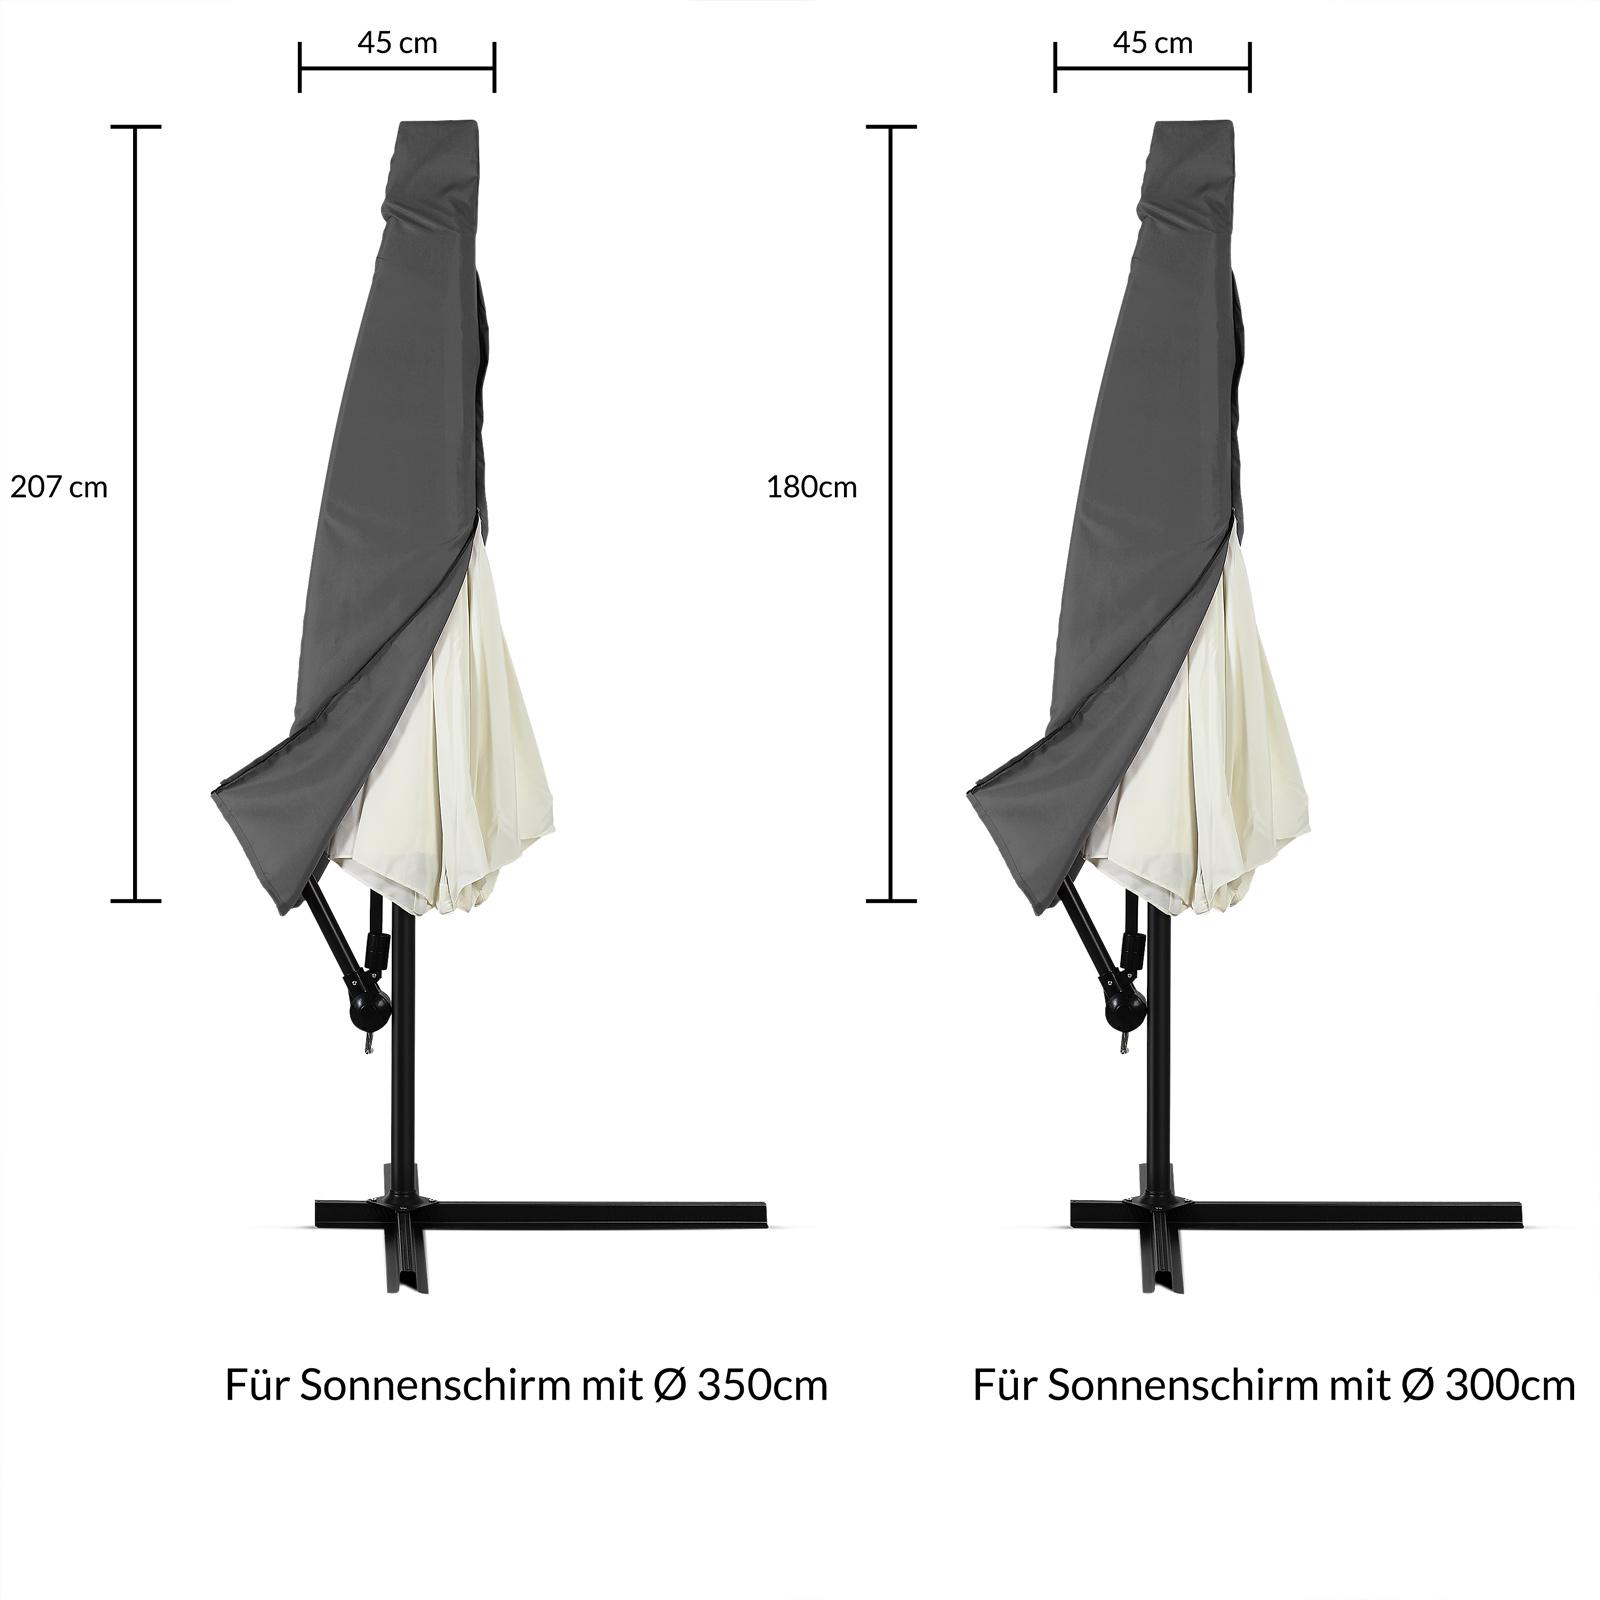 schutzh lle schirmhaube abdeckung sonnenschirm schutzh lle polyester haube ebay. Black Bedroom Furniture Sets. Home Design Ideas